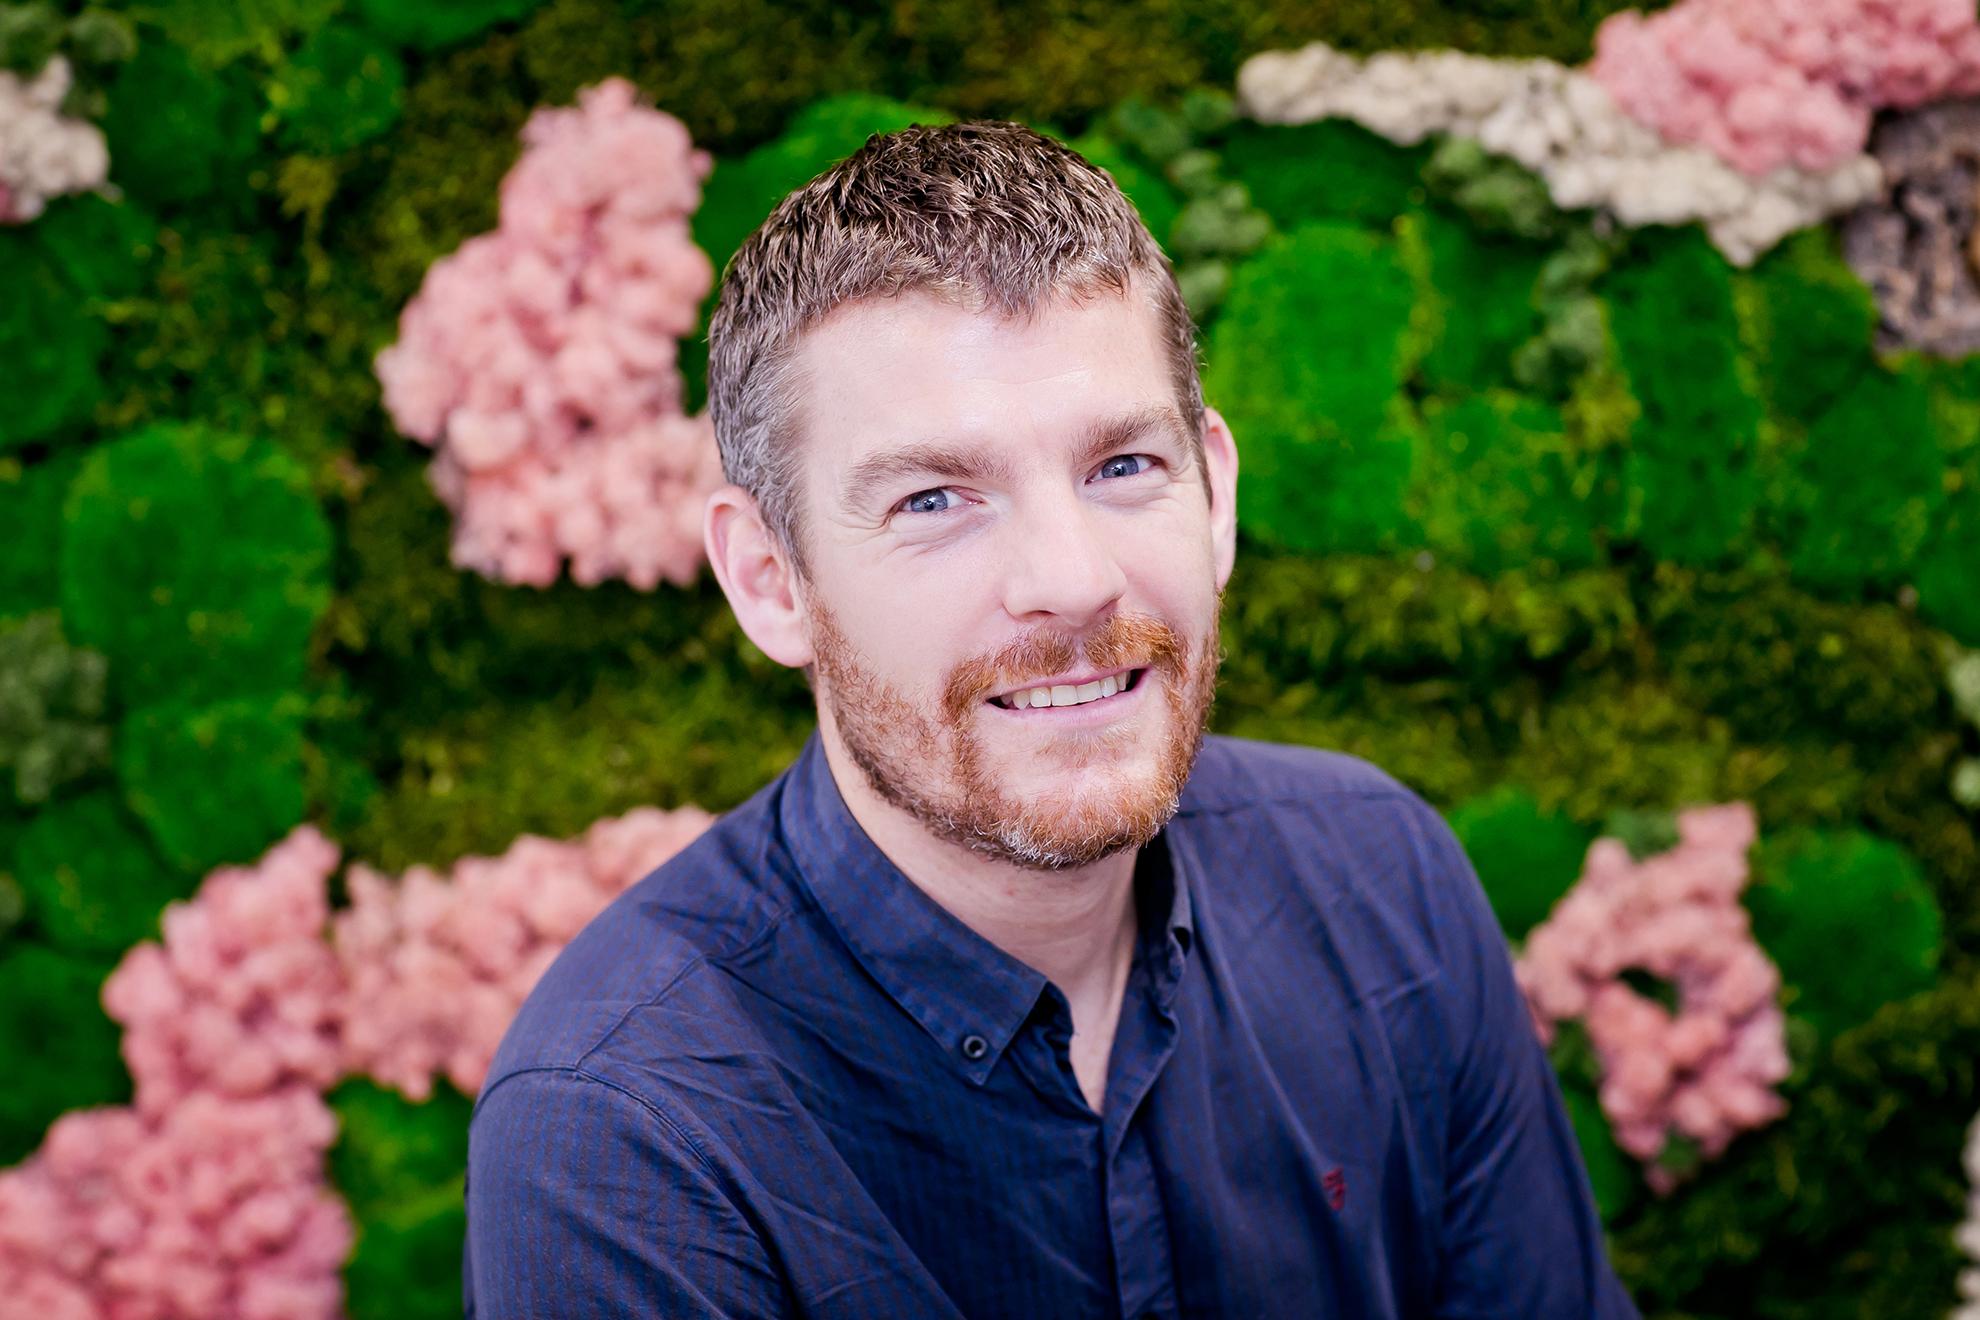 Martyn Draper